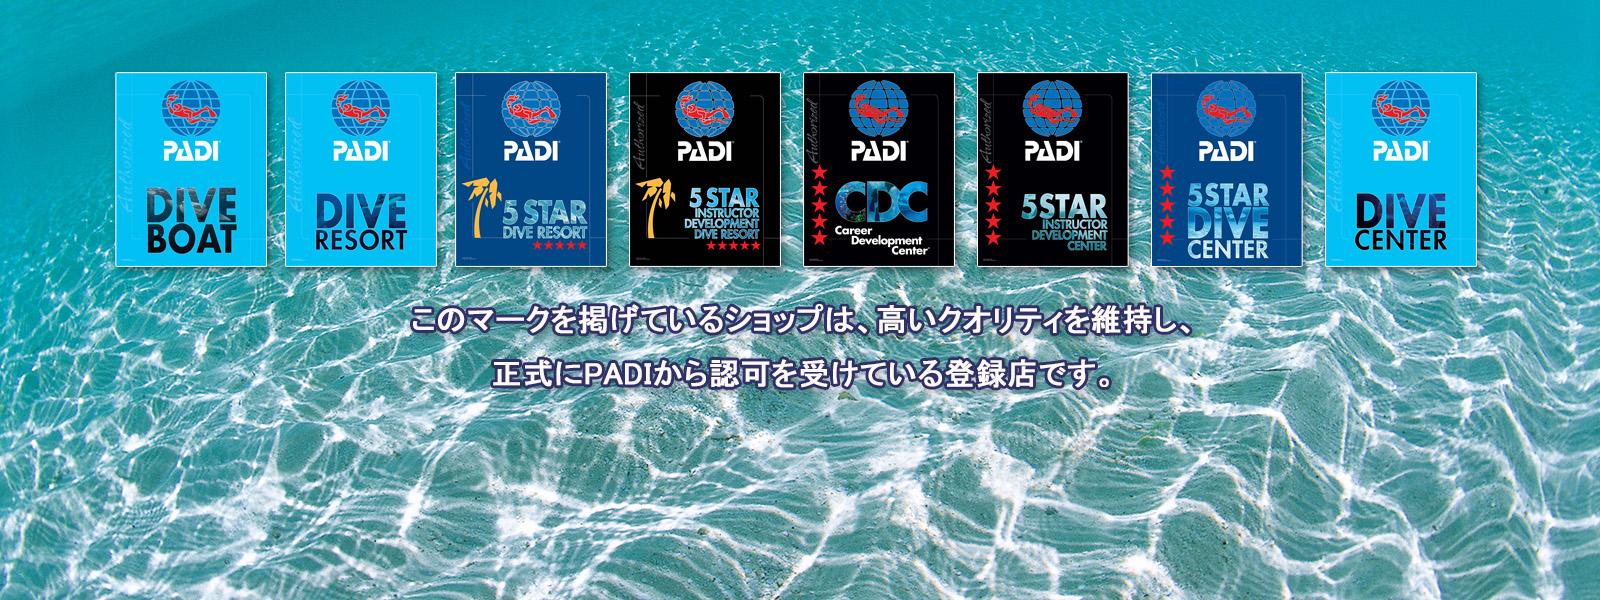 信頼の証 PADIダイブセンター/リゾート